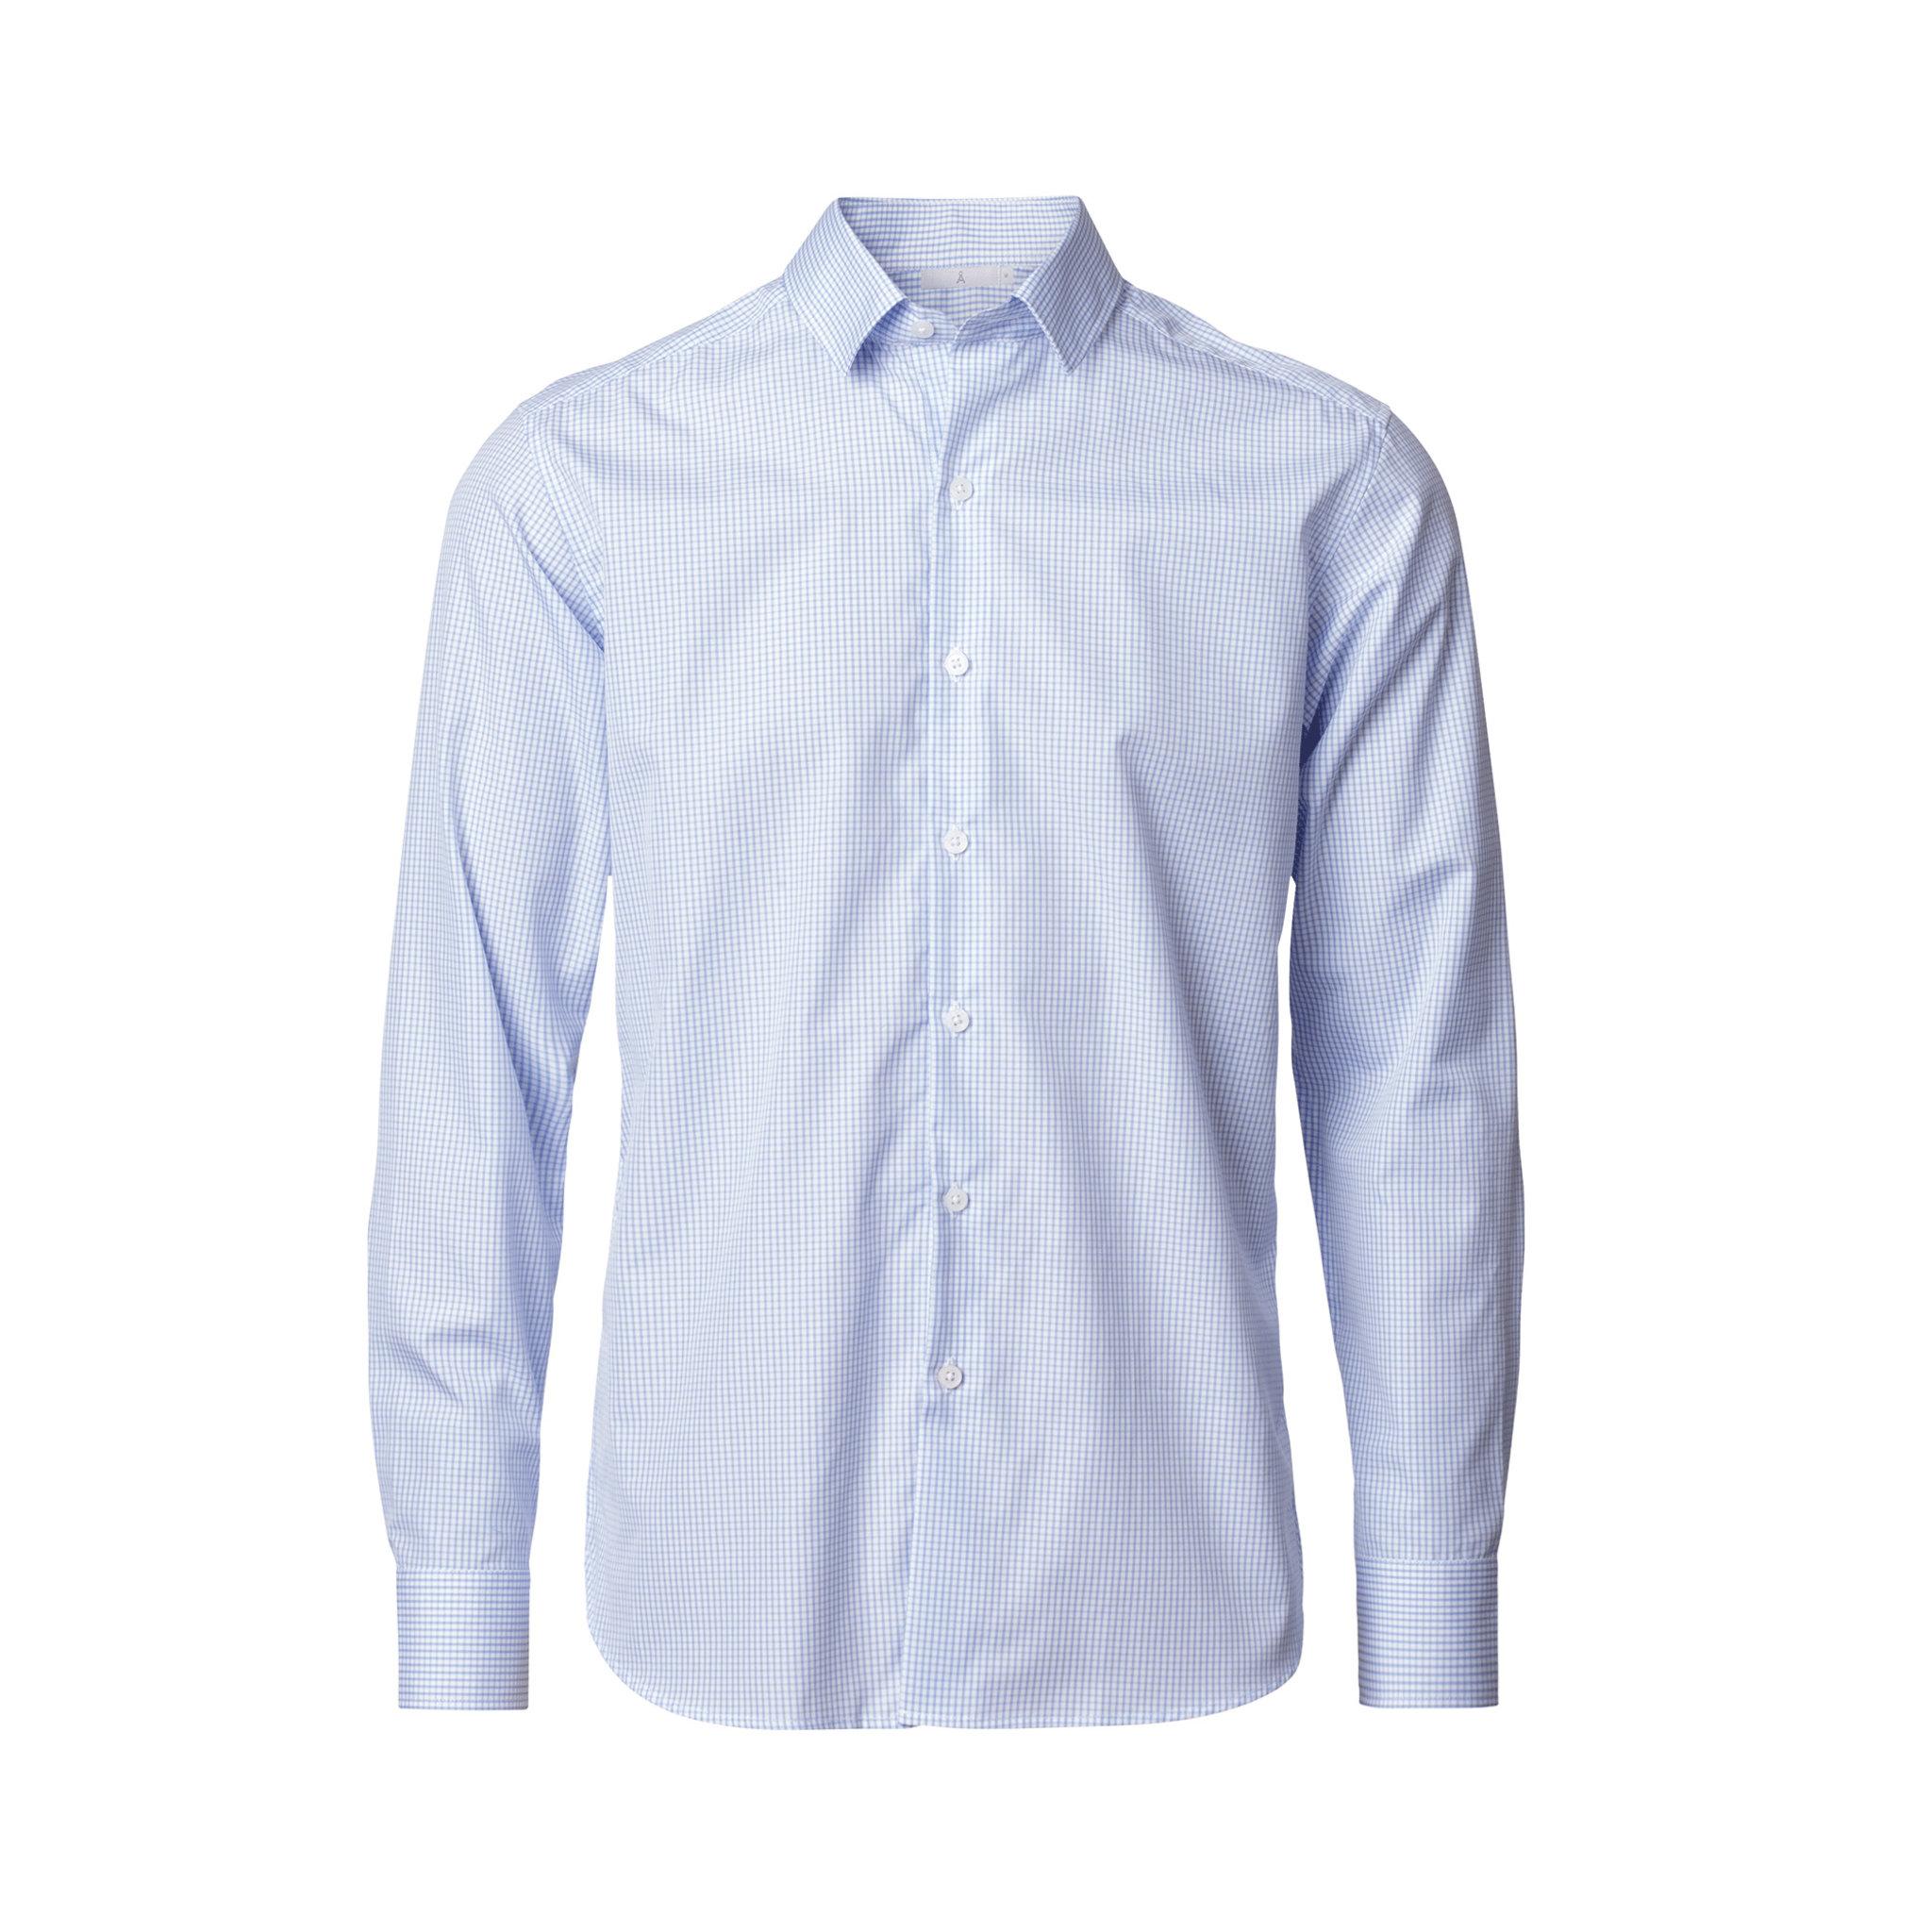 Skjorta Slim Fit - Skjortor - Köp online på åhlens.se! f35d7a37b1a8c